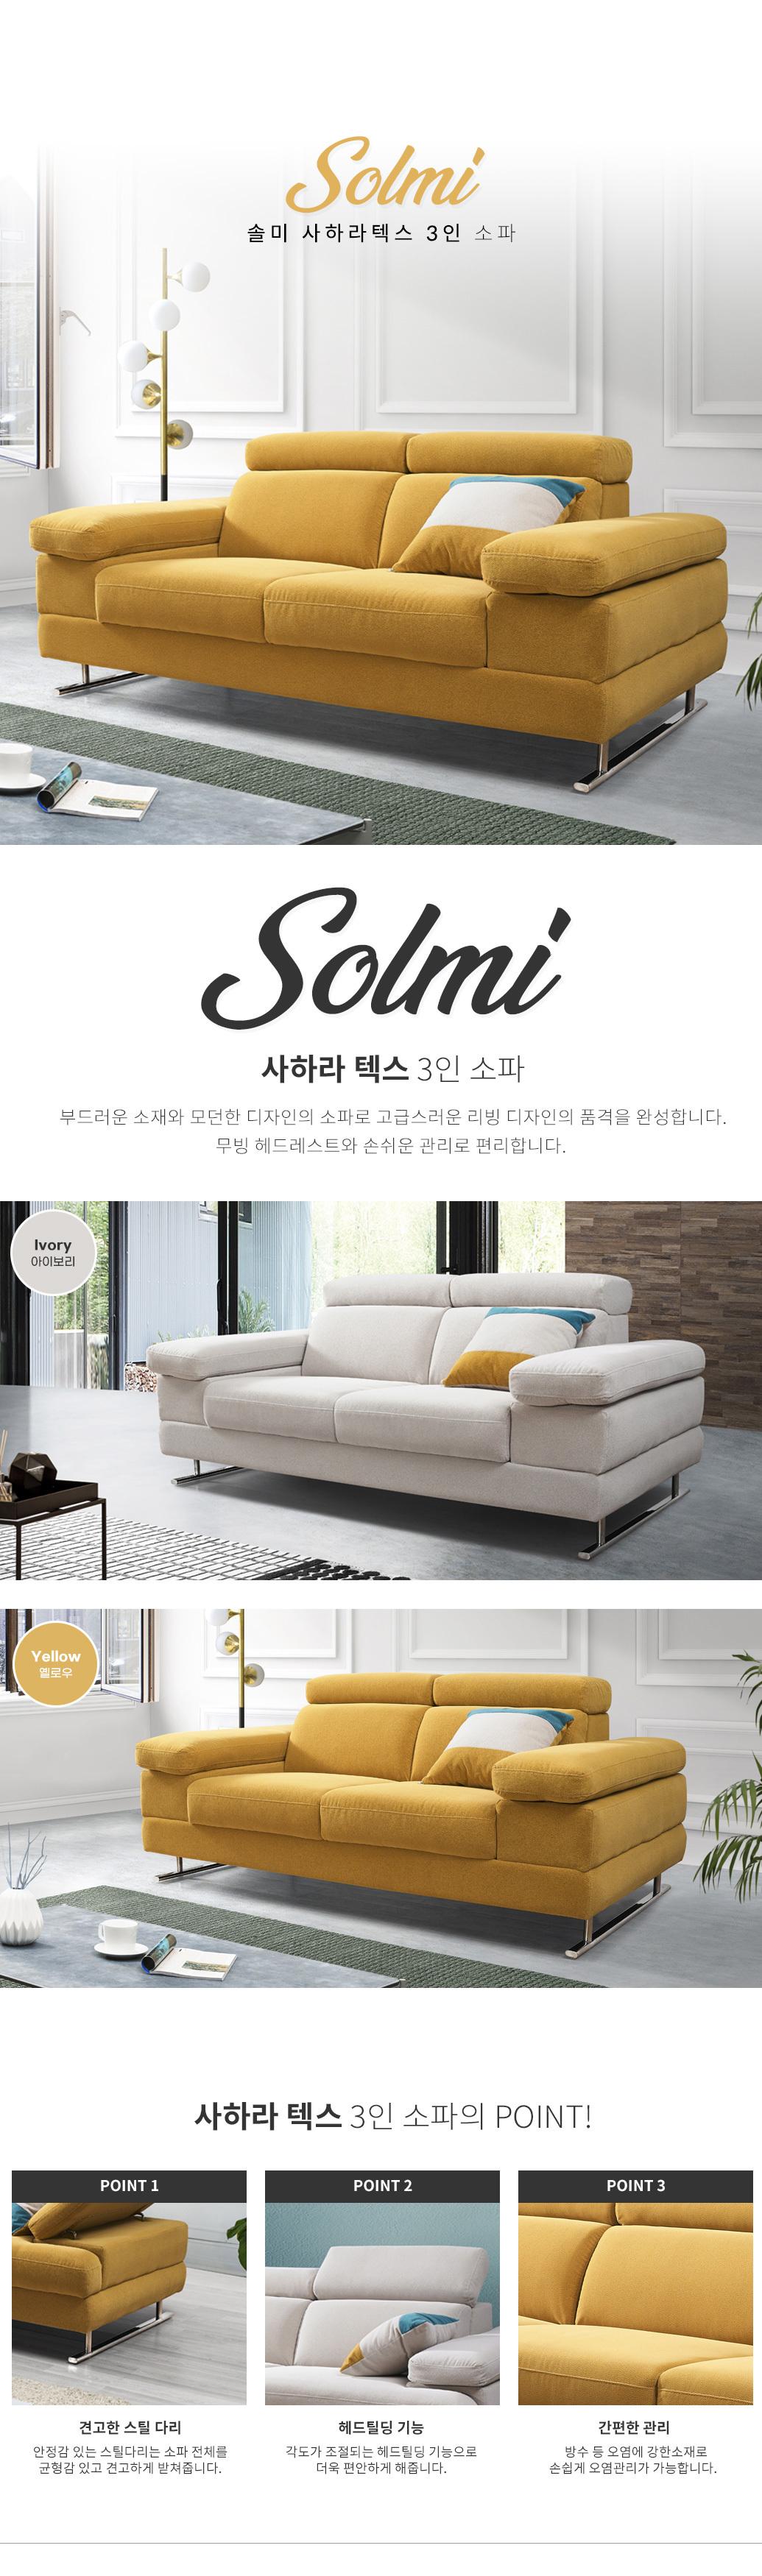 solmi_3_01.jpg